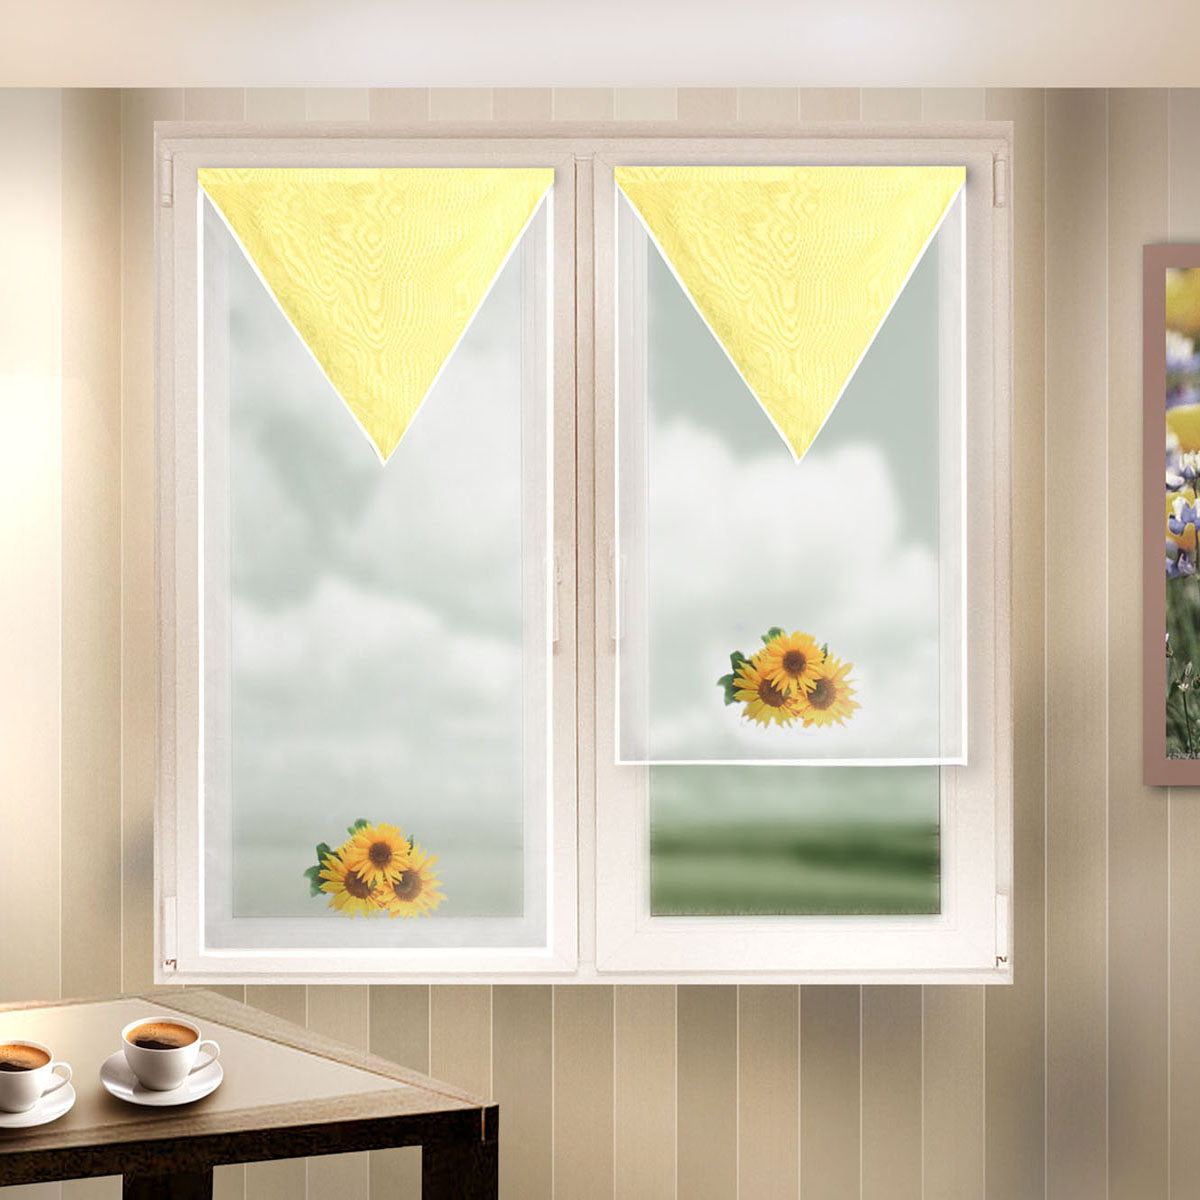 Гардина Zlata Korunka, на липкой ленте, цвет: белый, желтый, высота 140 см, 2 шт. 666056666056Гардина на липкой ленте Zlata Korunka, изготовленная из легкого полиэстера, станет великолепным украшением любого окна. Полотно из белой вуали с печатным рисунком привлечет к себе внимание и органично впишется в интерьер комнаты. Крепление на липкой ленте, не требующее сверления стен и карниза. Многоразовое и мгновенное крепление.